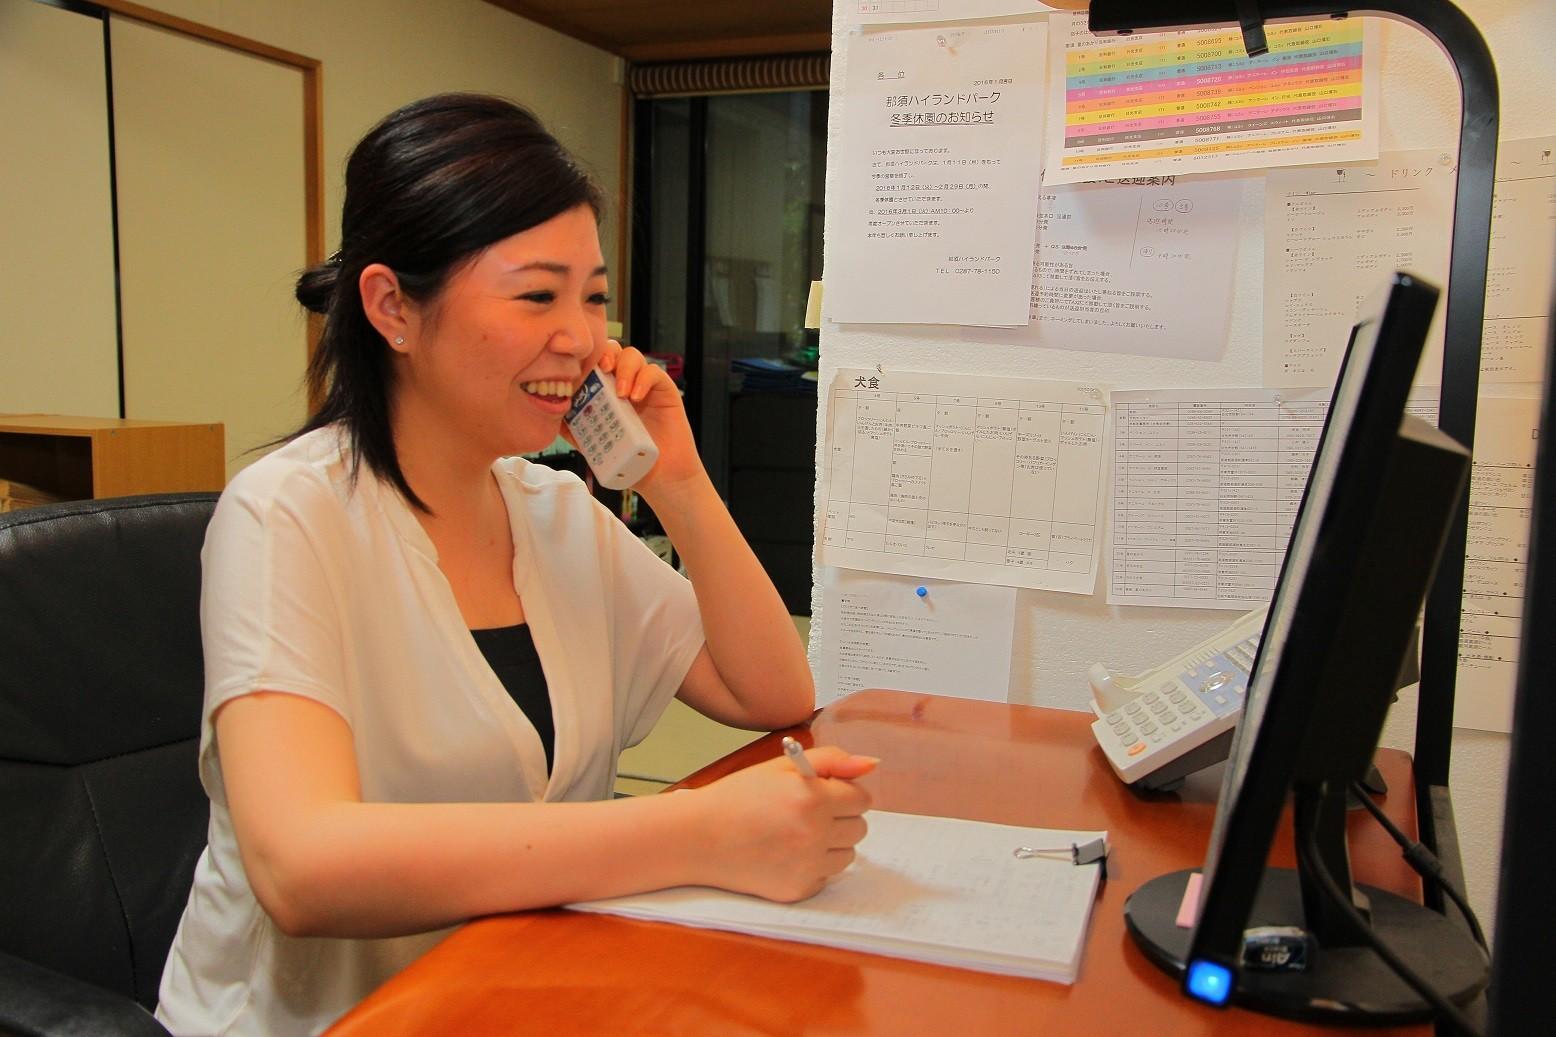 株式会社ユミィリゾート 日光事務所 宿泊予約センター 電話受付スタッフのアルバイト情報